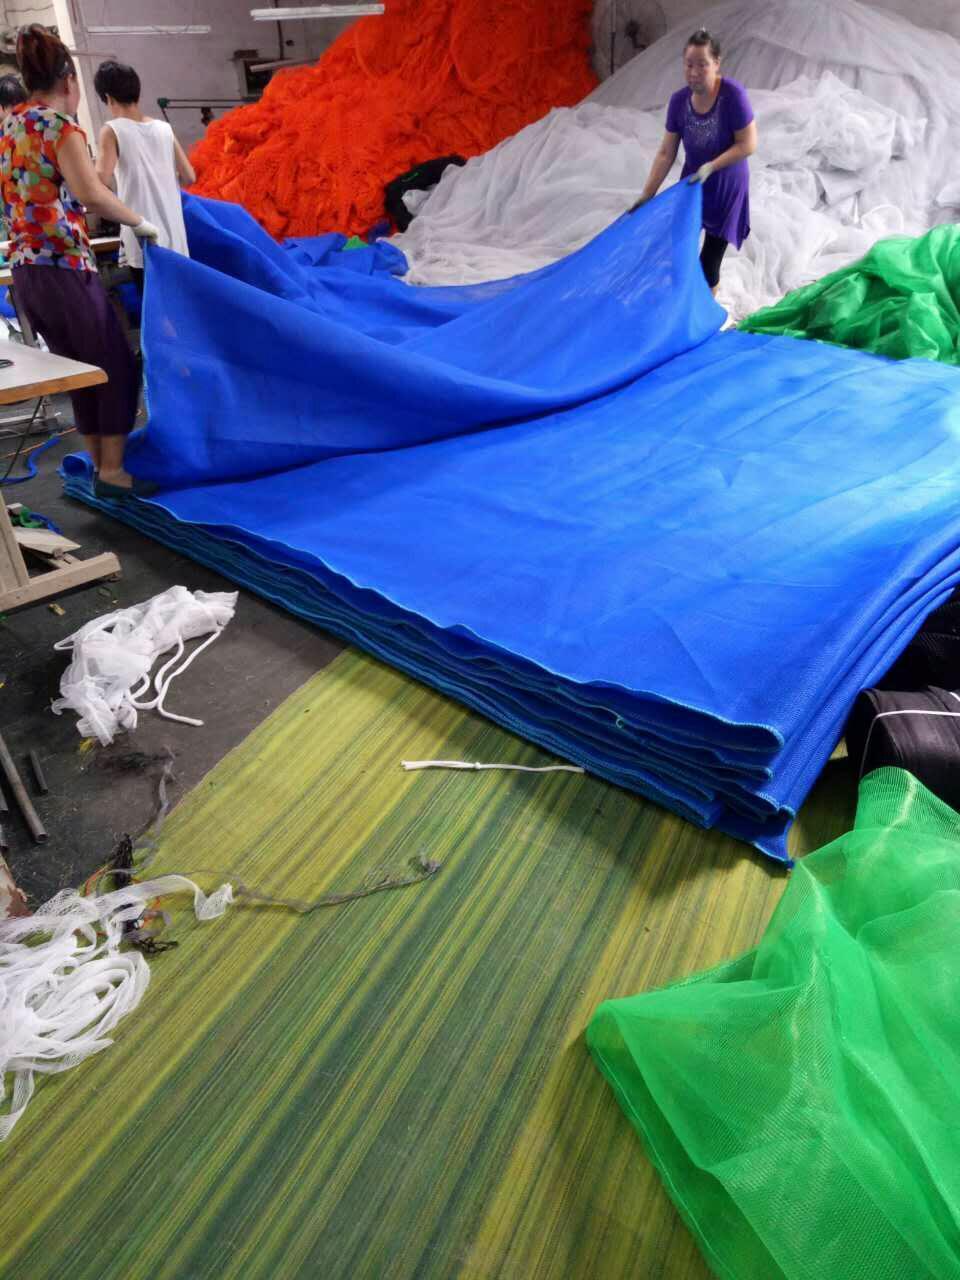 塑料防风抑尘网,塑料防风抑尘墙,塑料编织防风抑尘网,港口塑料挡风抑尘墙定做示例图16